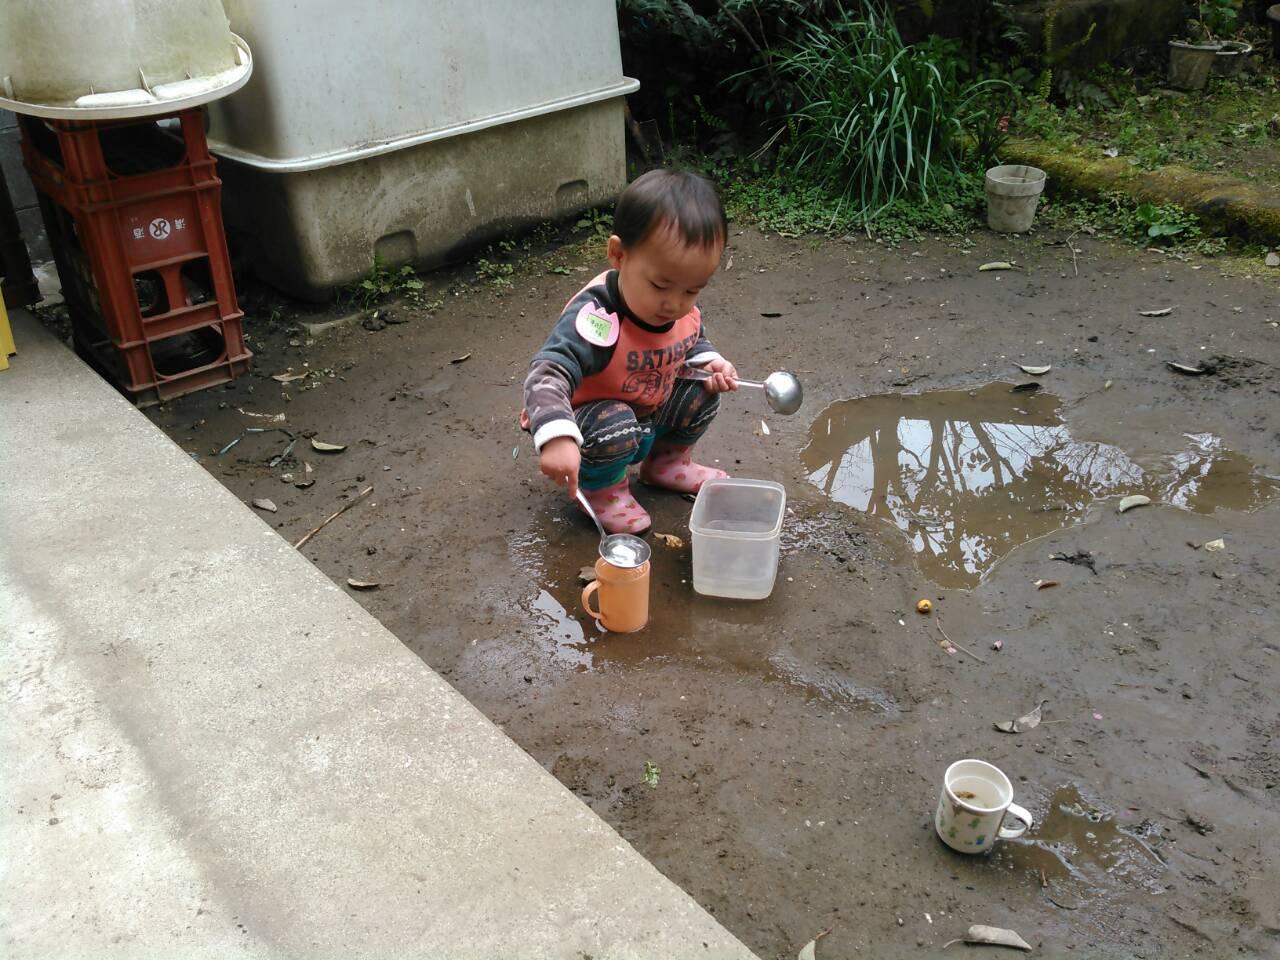 【寺町分館】園庭の水たまりも、立派な遊び場